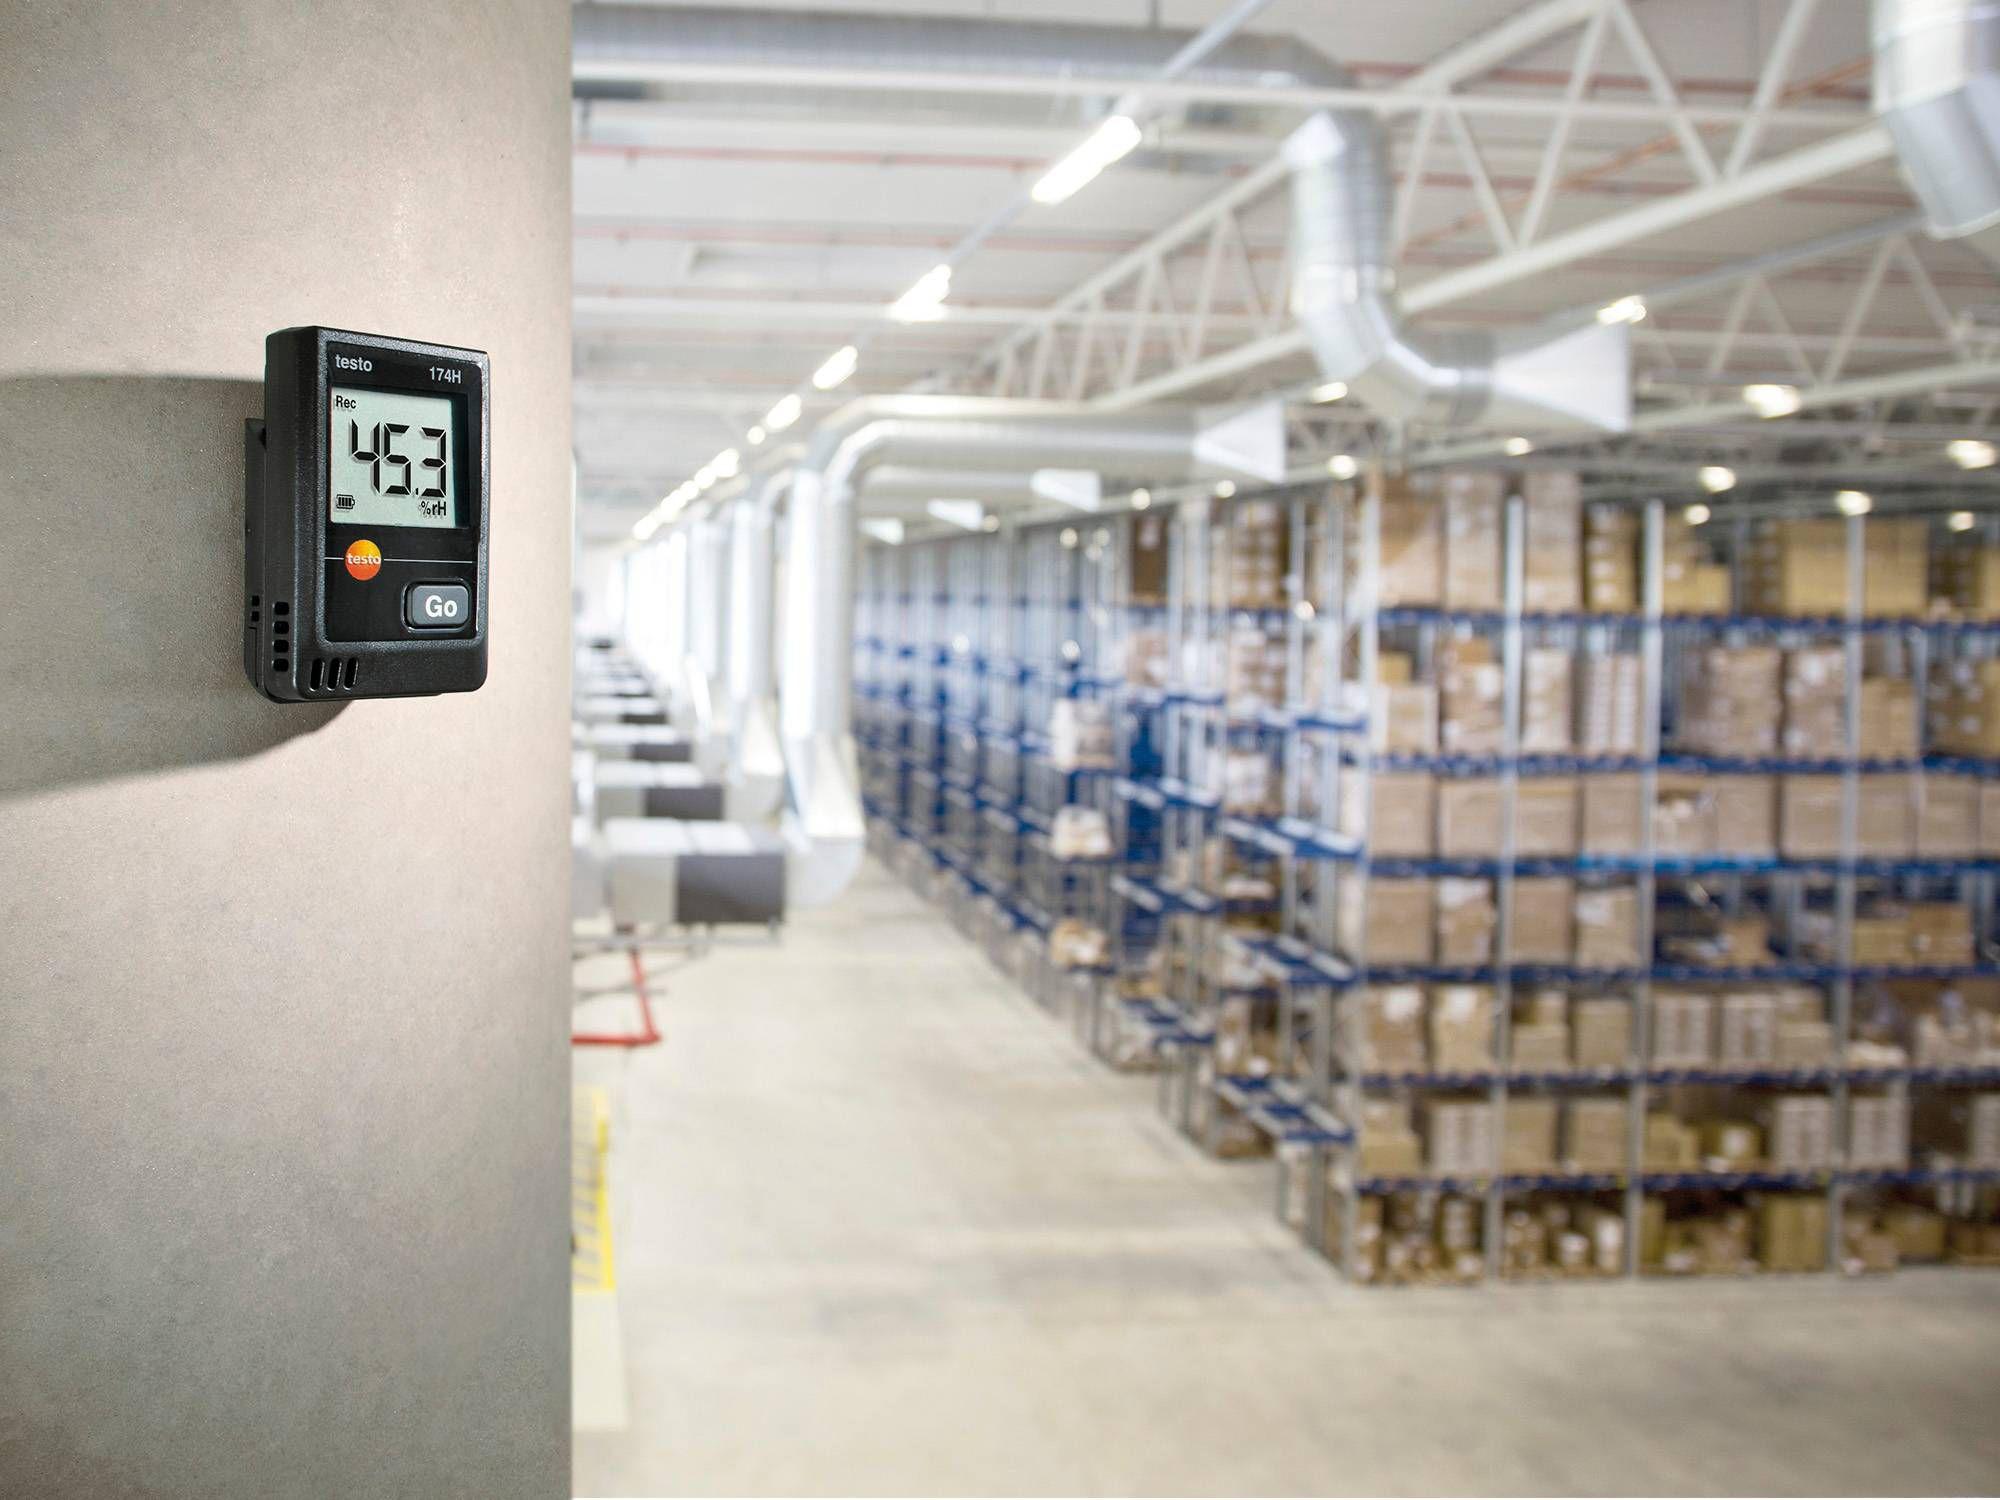 testo 174 H微型数据记录仪监测装有药品的储藏室的温度和湿度